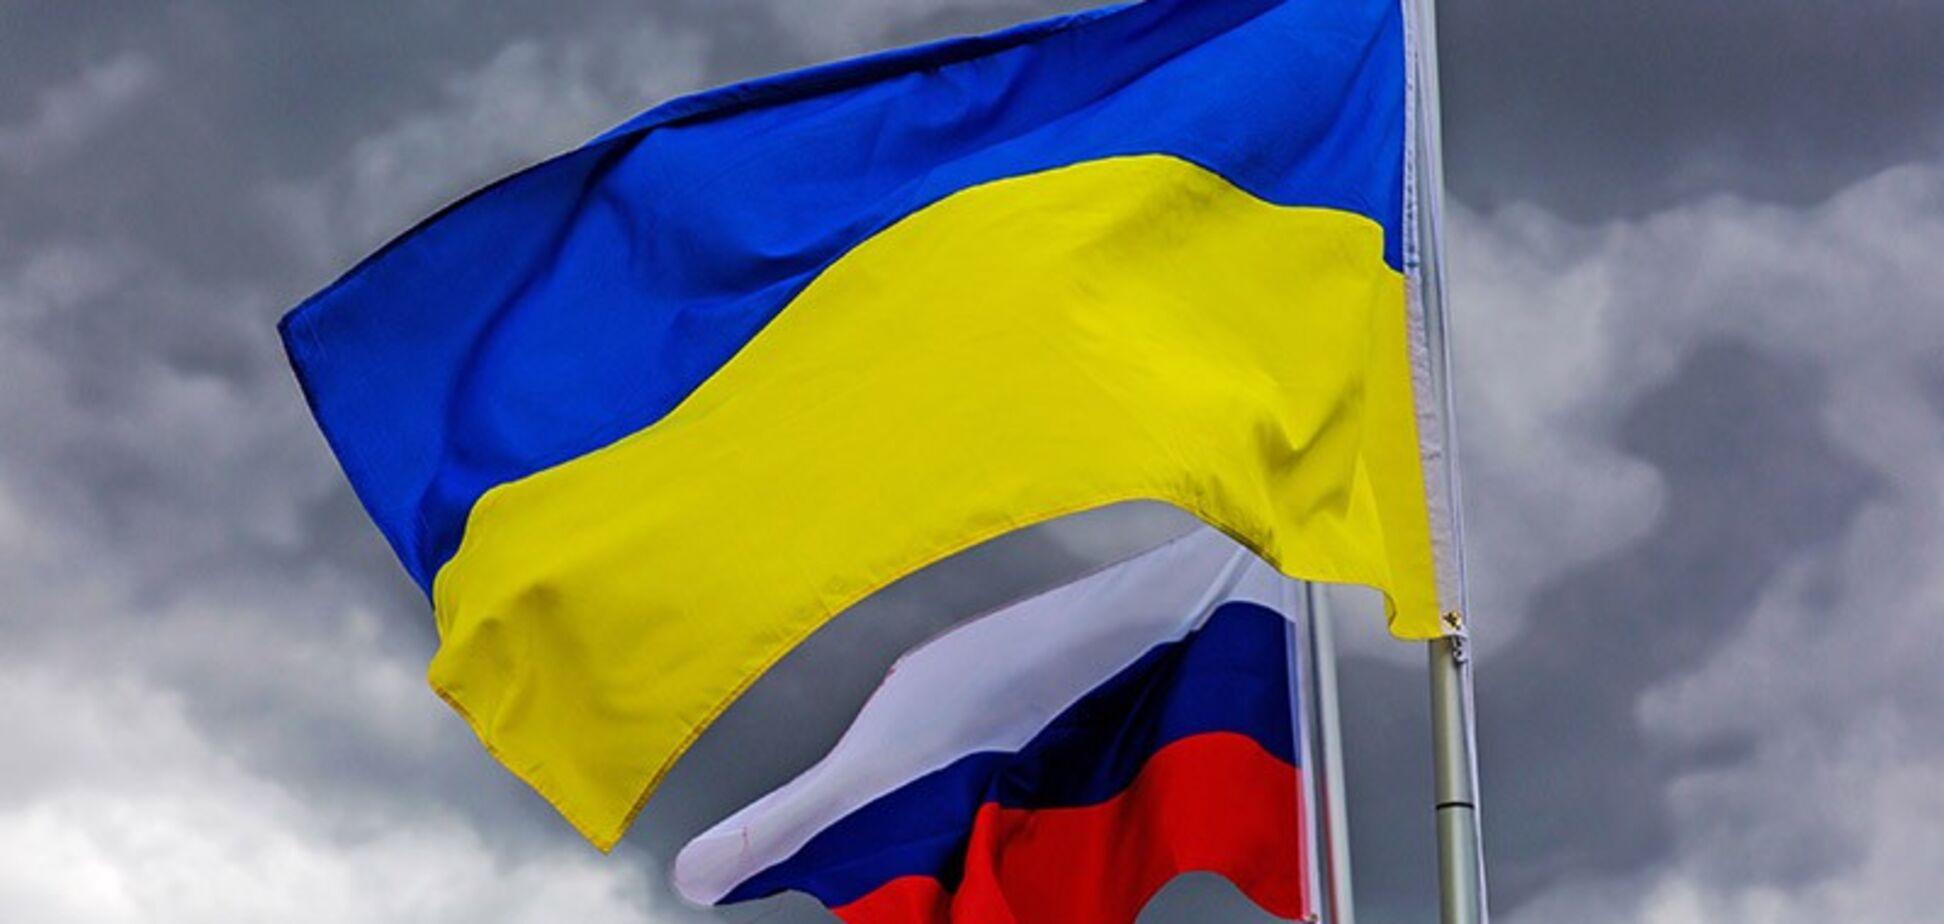 Удар Украины по России: в Раде предрекли болезненный ответ Москвы